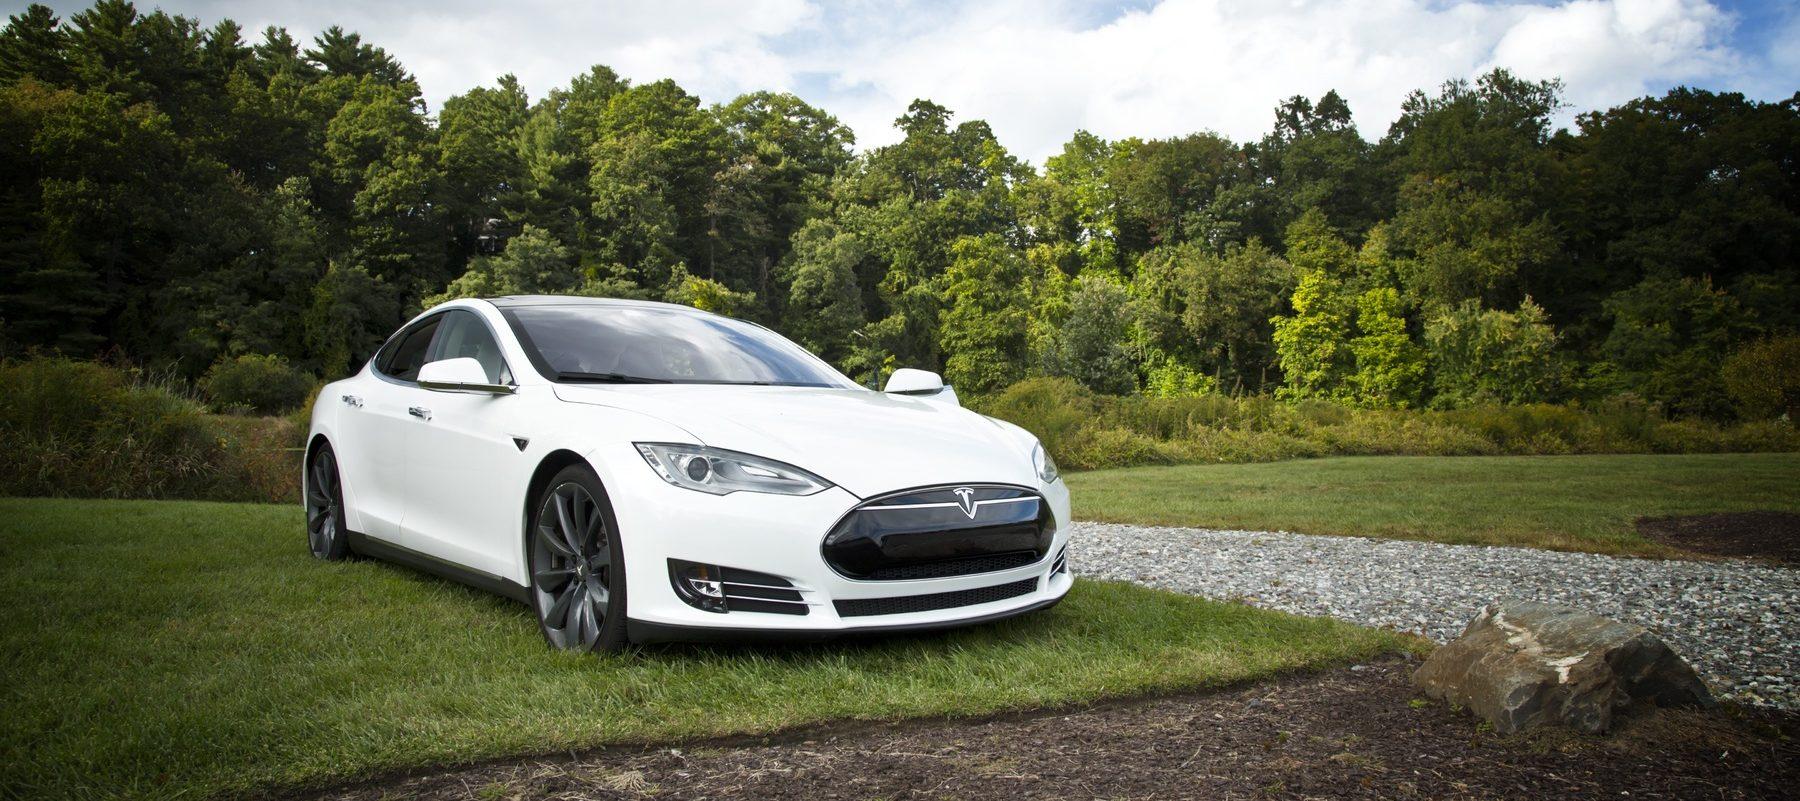 White-car-automobile-transportation-transport-environment-592108-pxhere.com_-e1599046730721